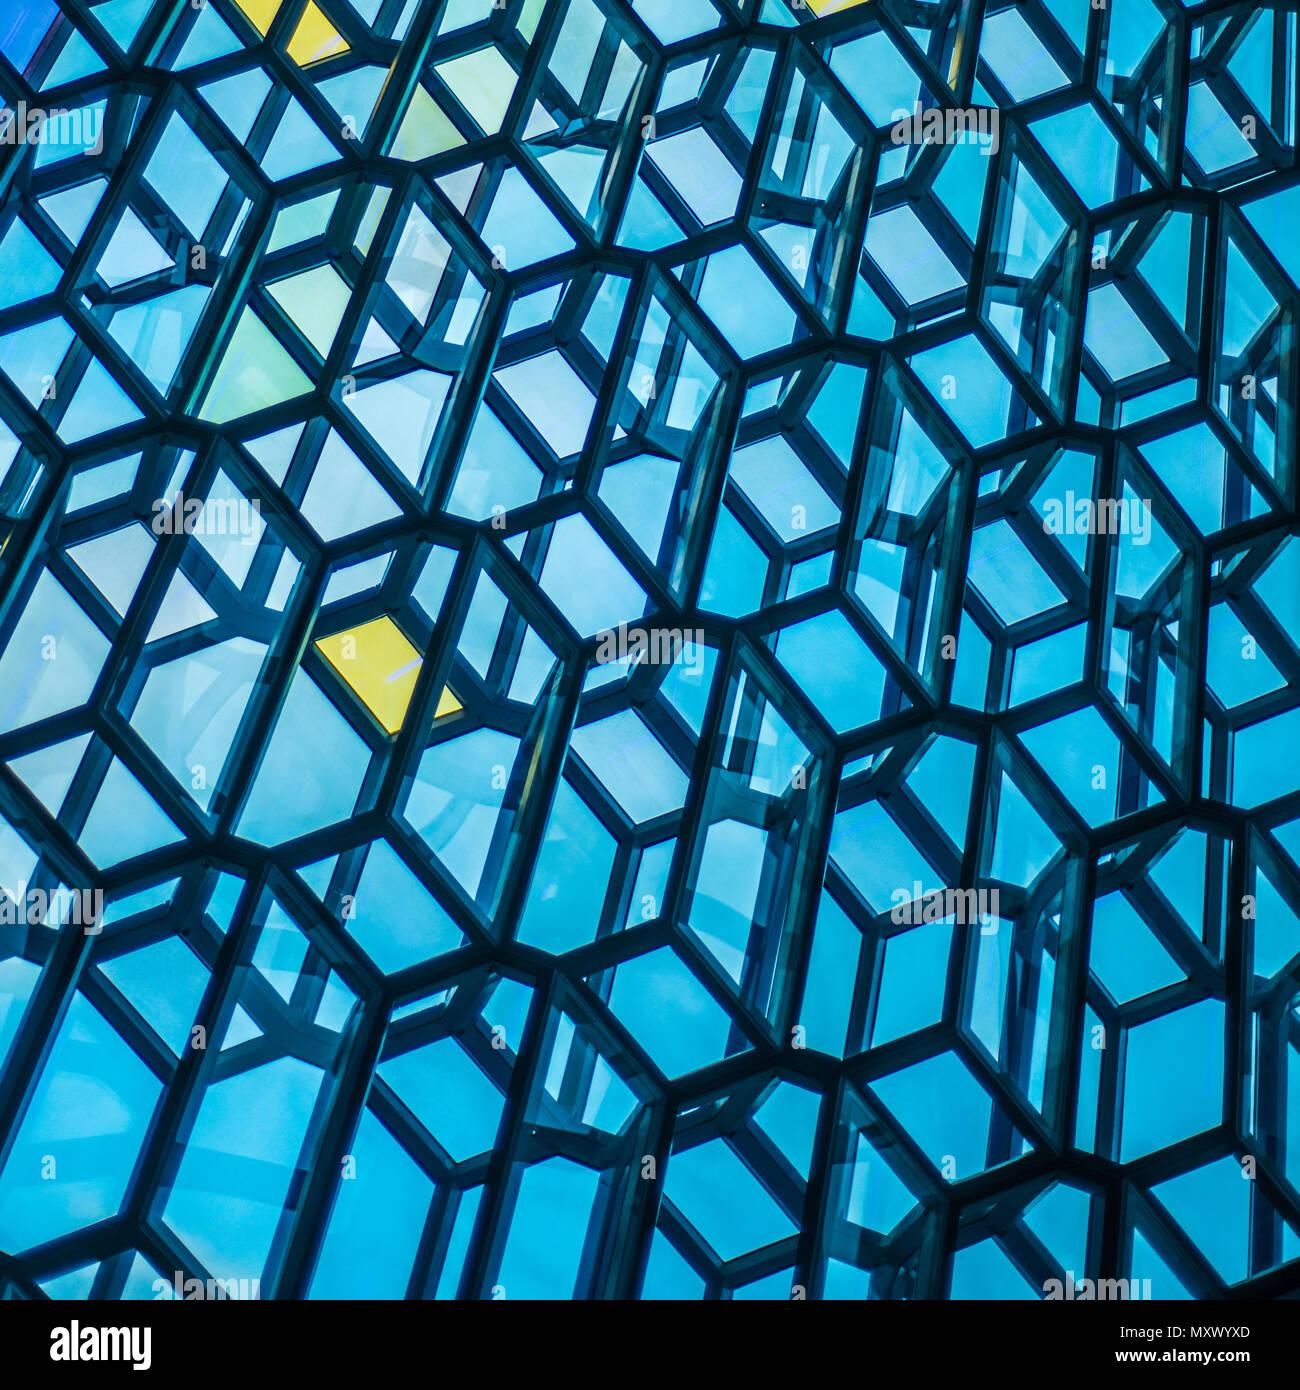 Metal Industrial Construction Transparent Glass Stockfotos & Metal ...